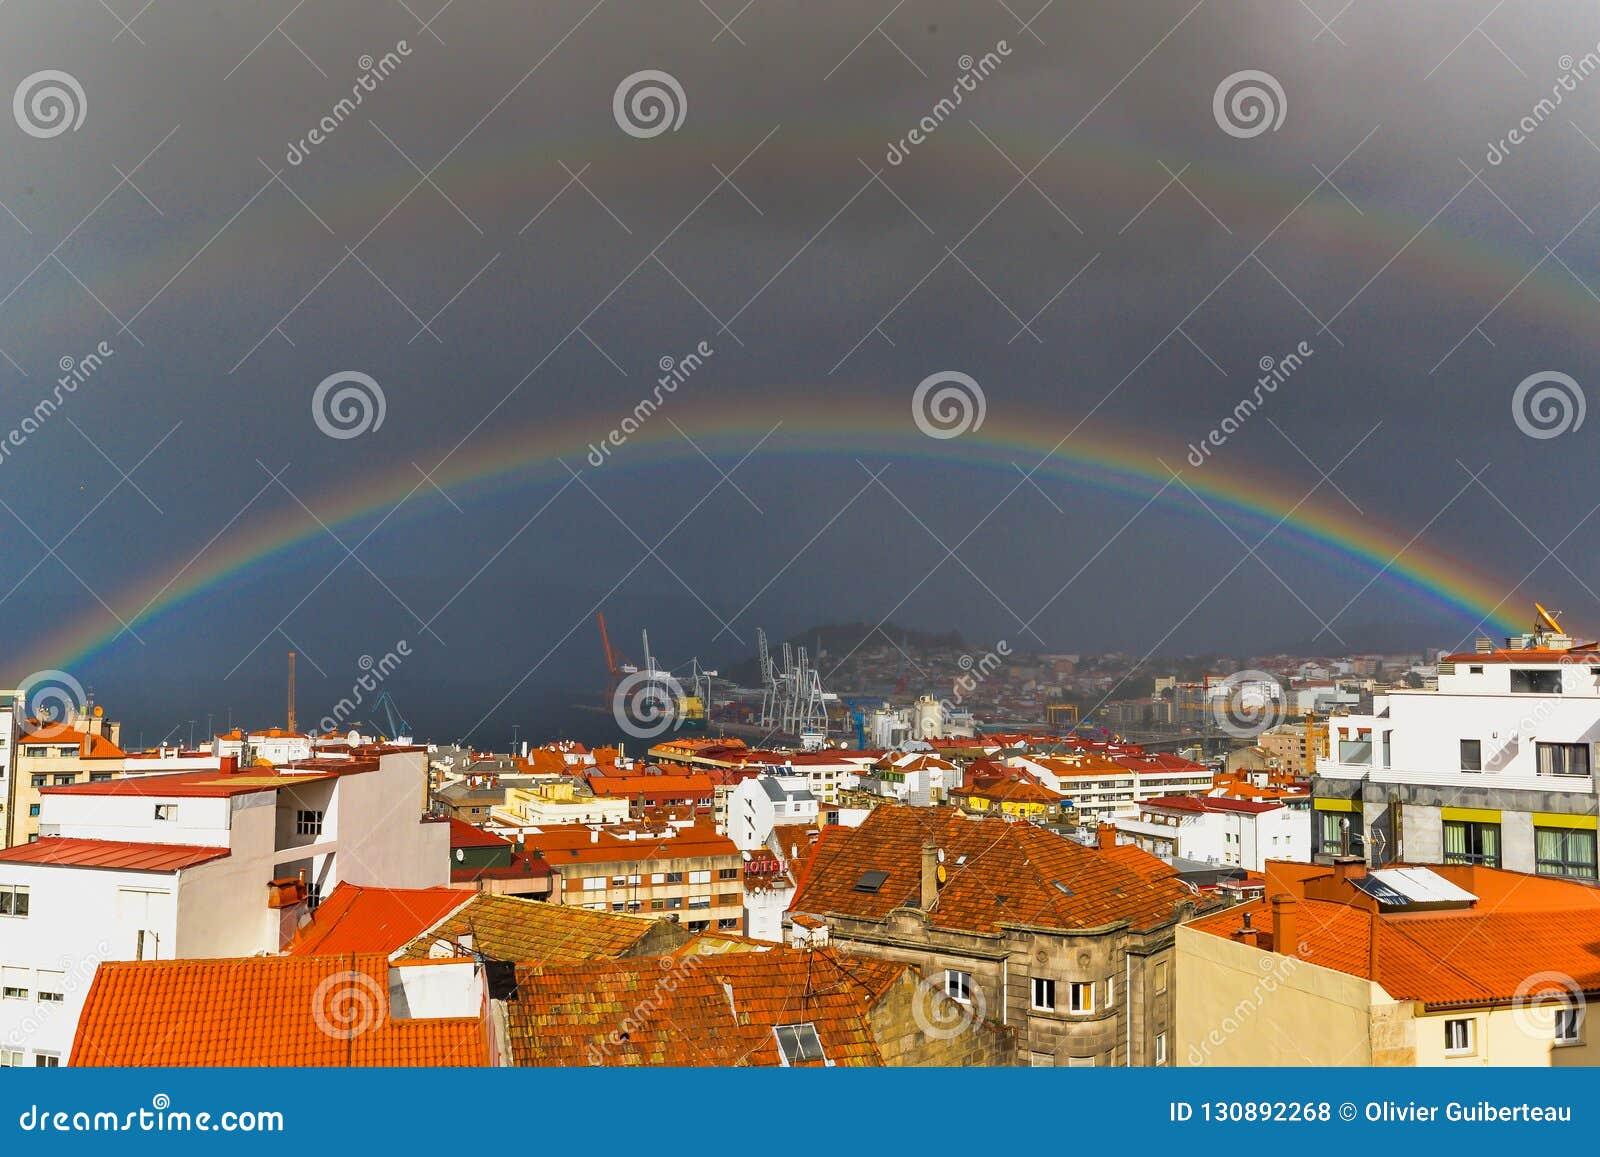 The double rainbow - Vigo